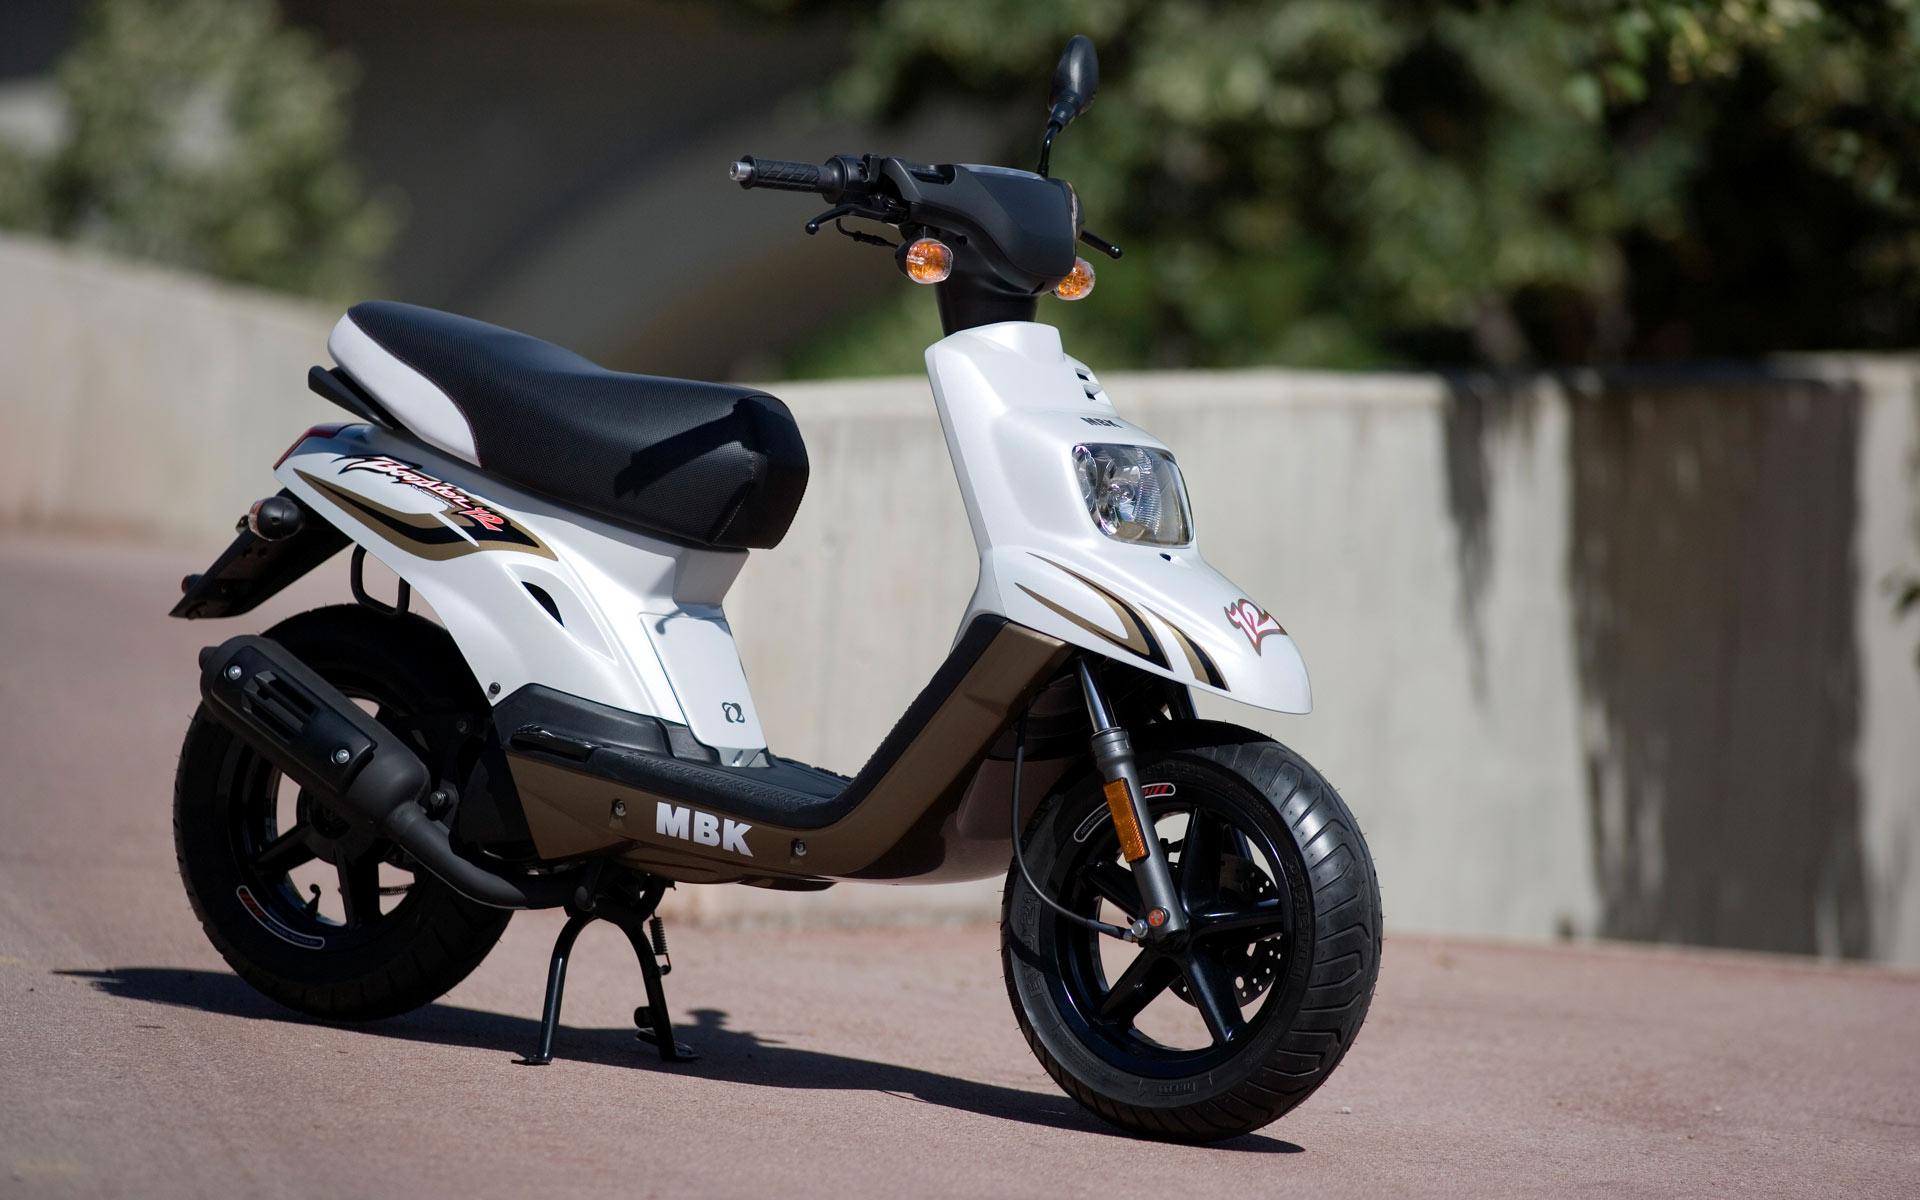 booster spirit le scooter star par mbk actualit s scooter par scooter mag. Black Bedroom Furniture Sets. Home Design Ideas